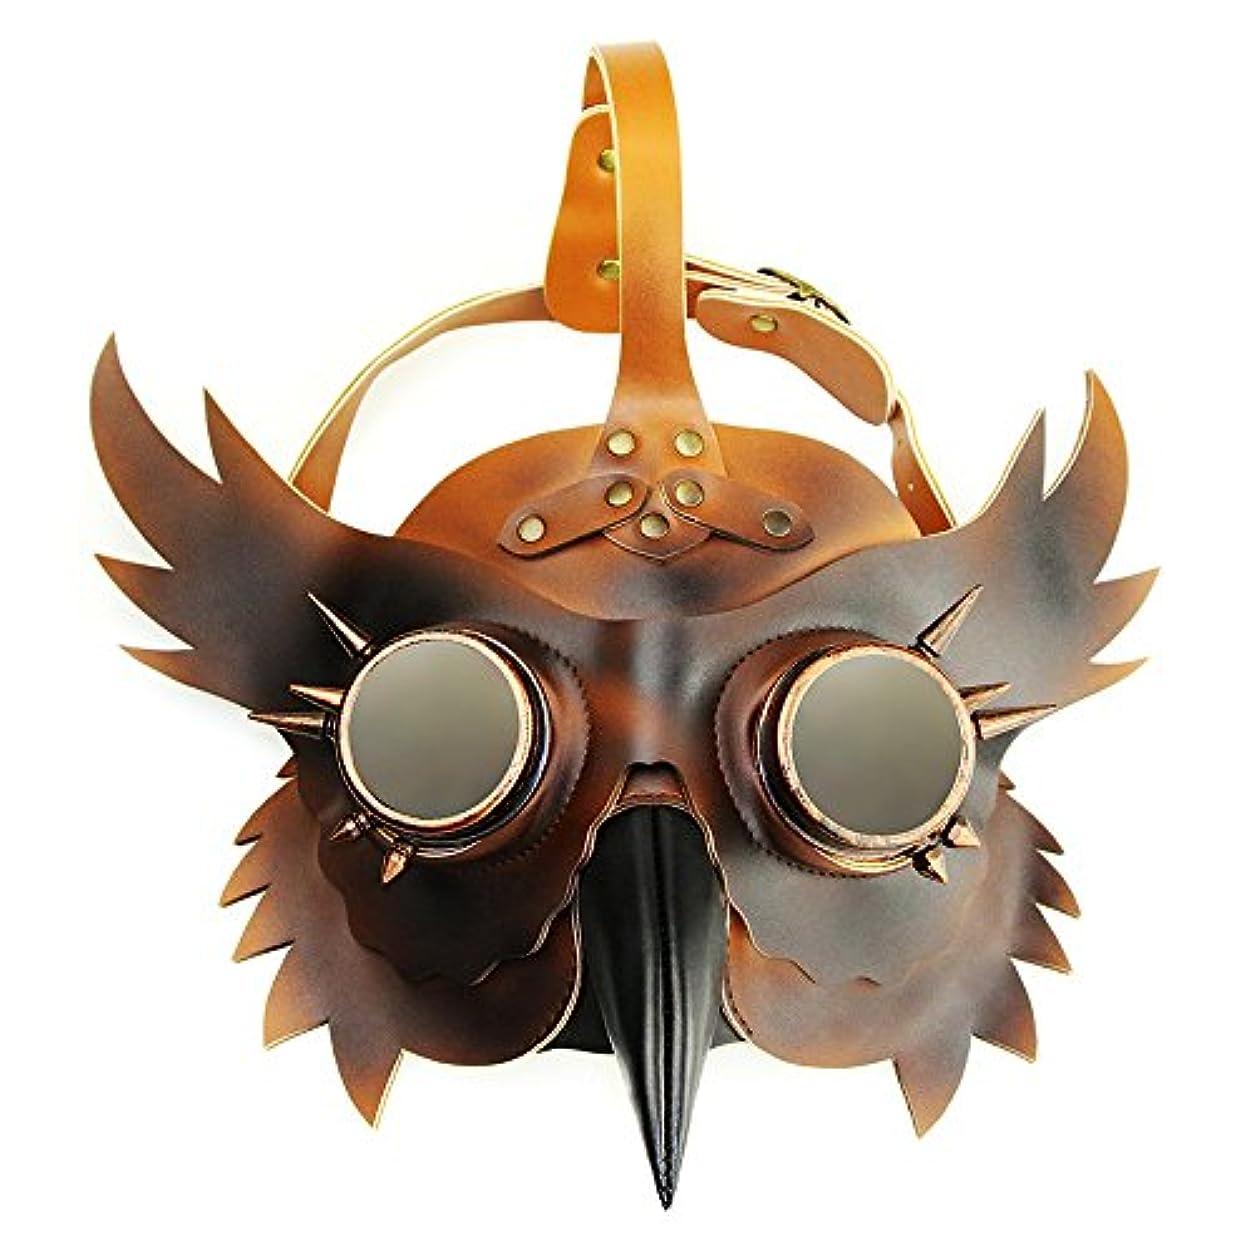 ストレージ寄付れるくちばしマスクハロウィン小道具ギフト仮面舞踏会マスク